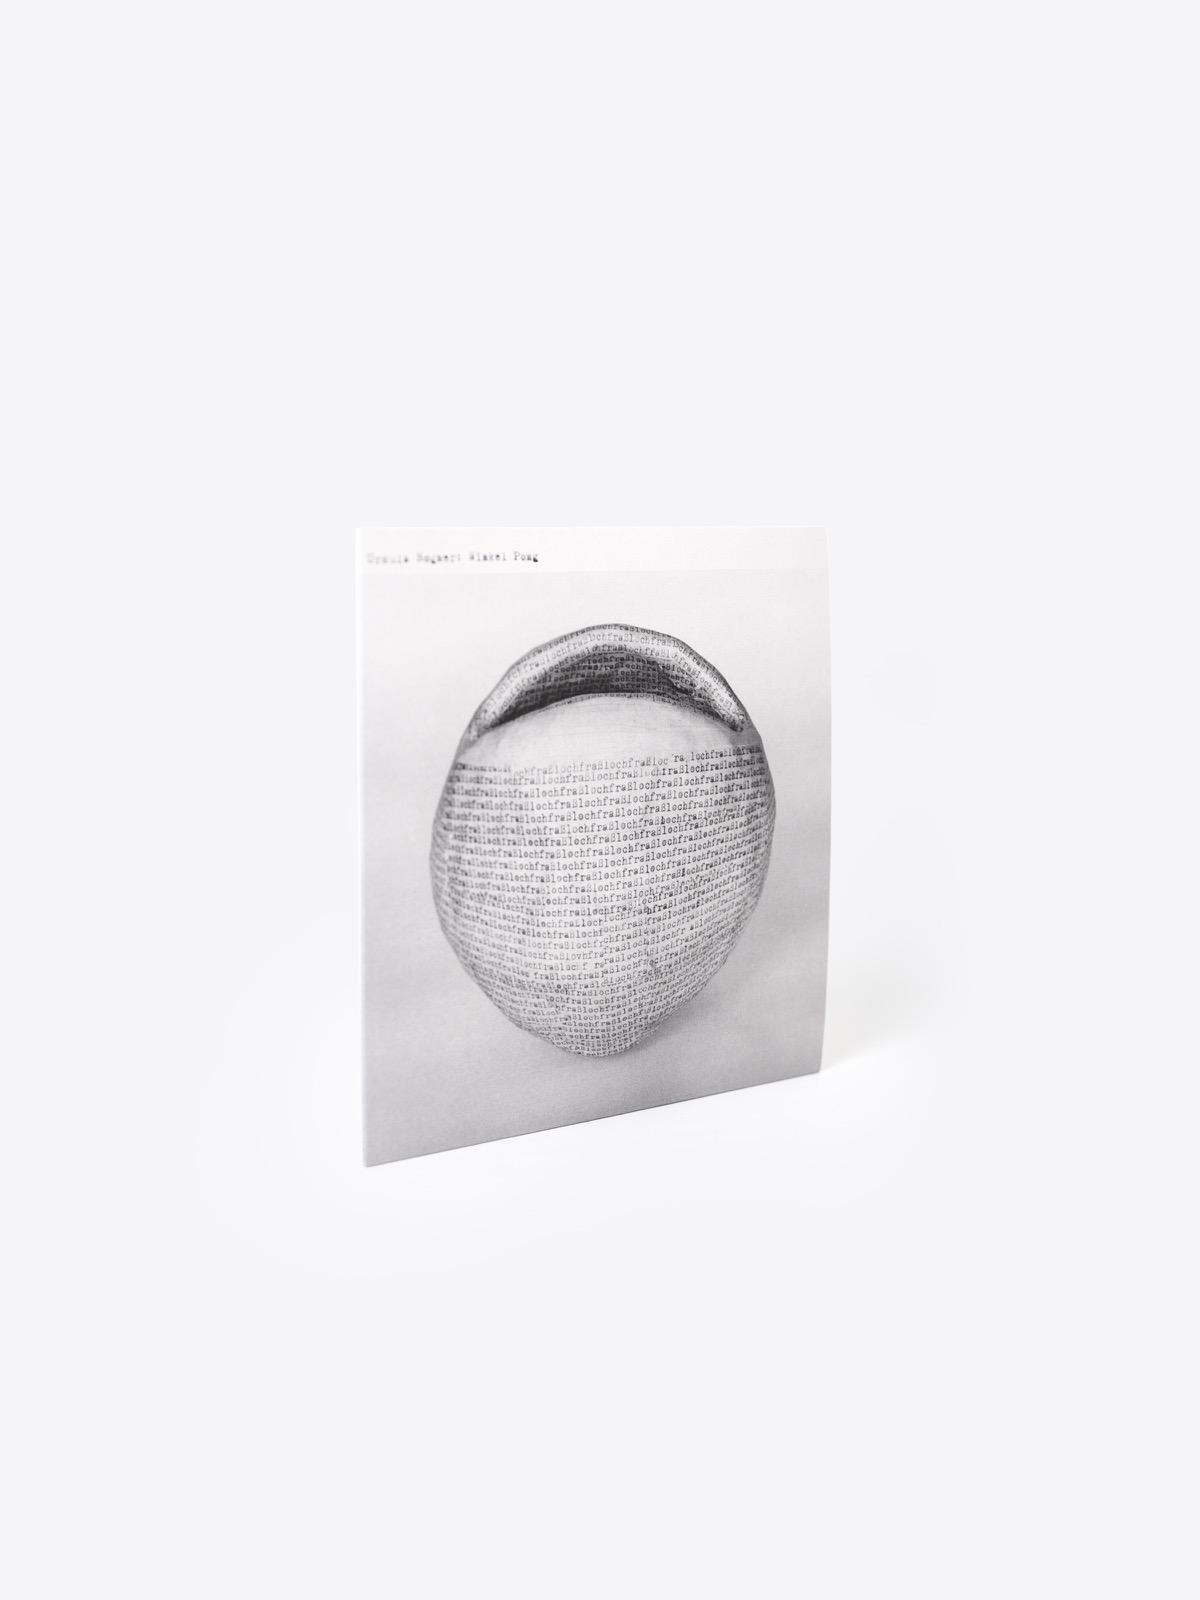 airbag craftworks Ursula Bogner - Winkel Pong